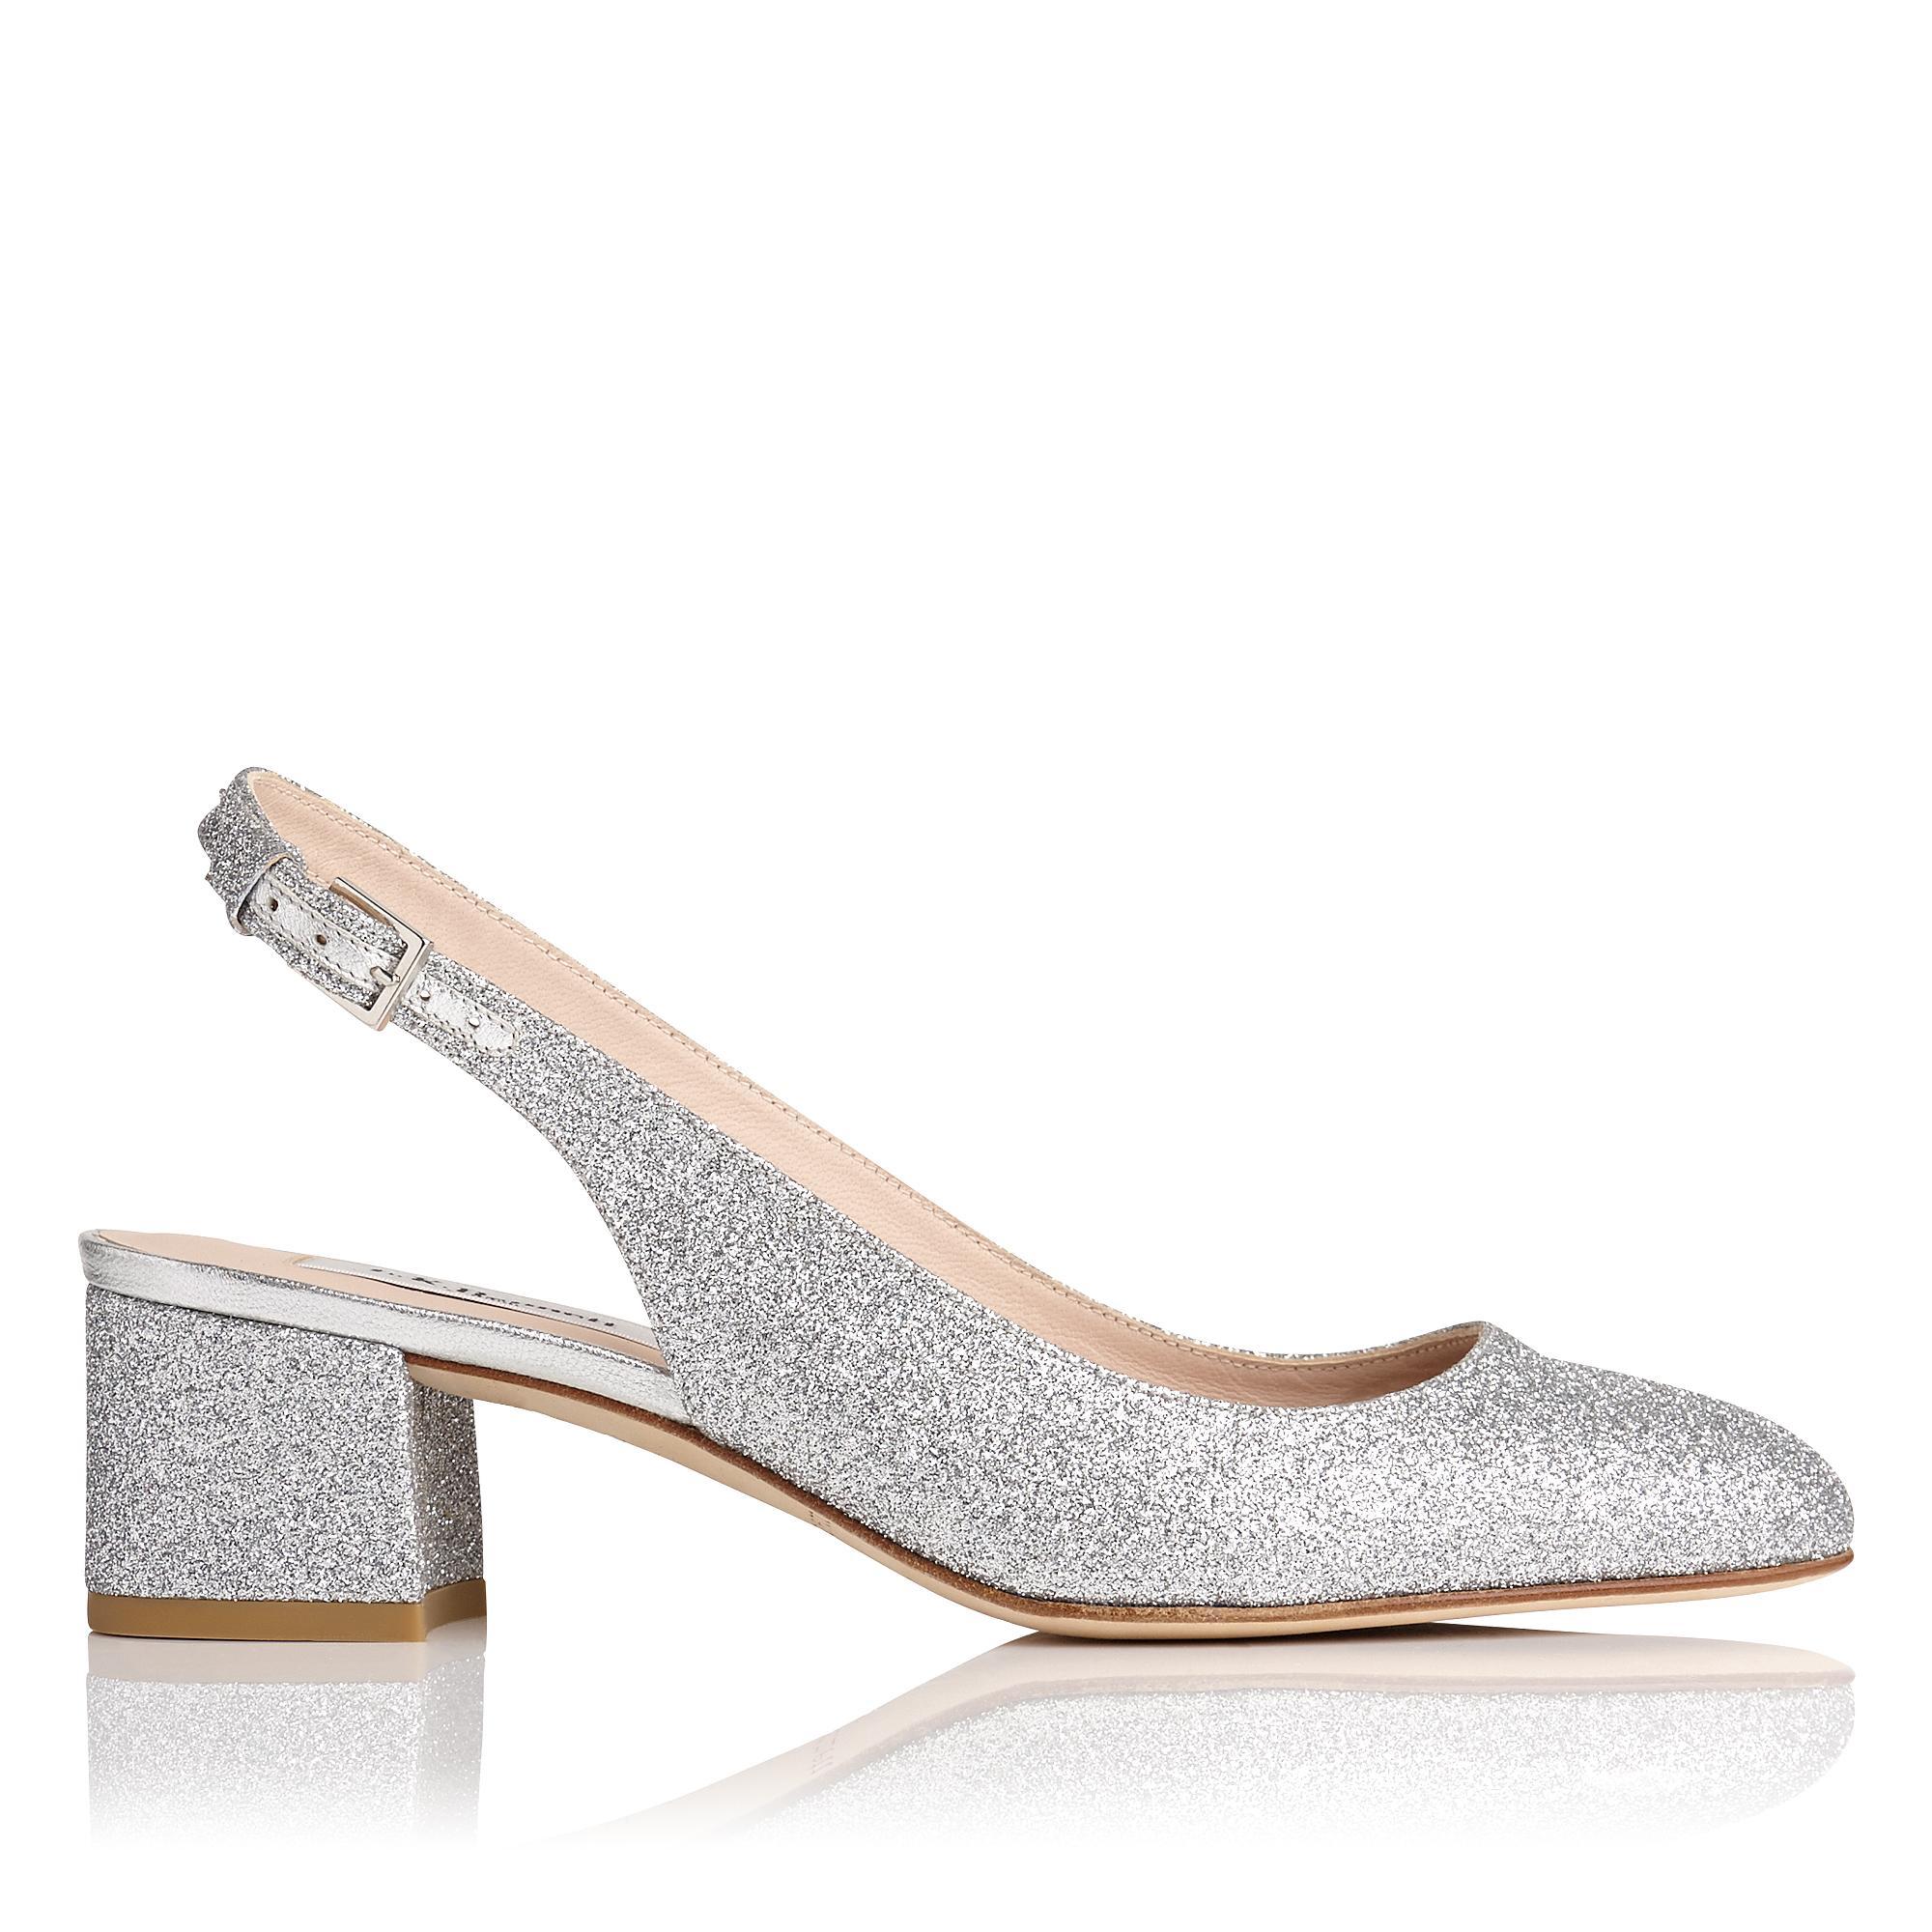 Chloe Silver Glitter Heel